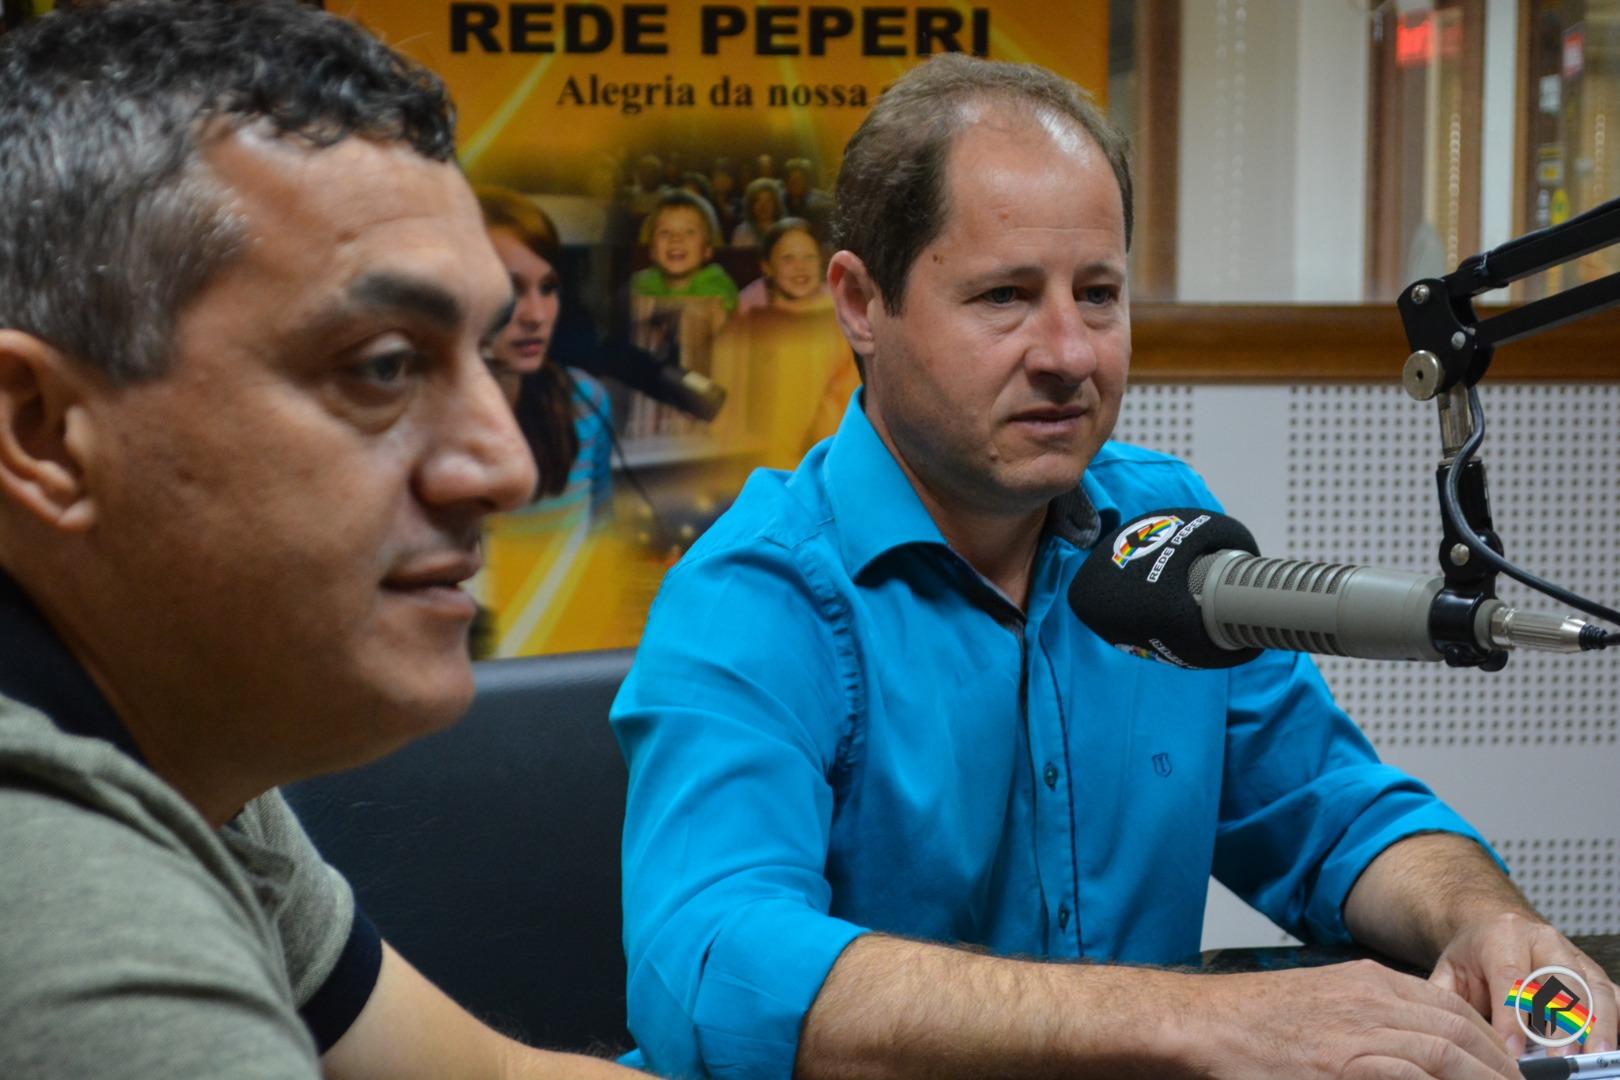 Atuação dos vereadores nos projetos votados em 2017 é debatida na Peperi